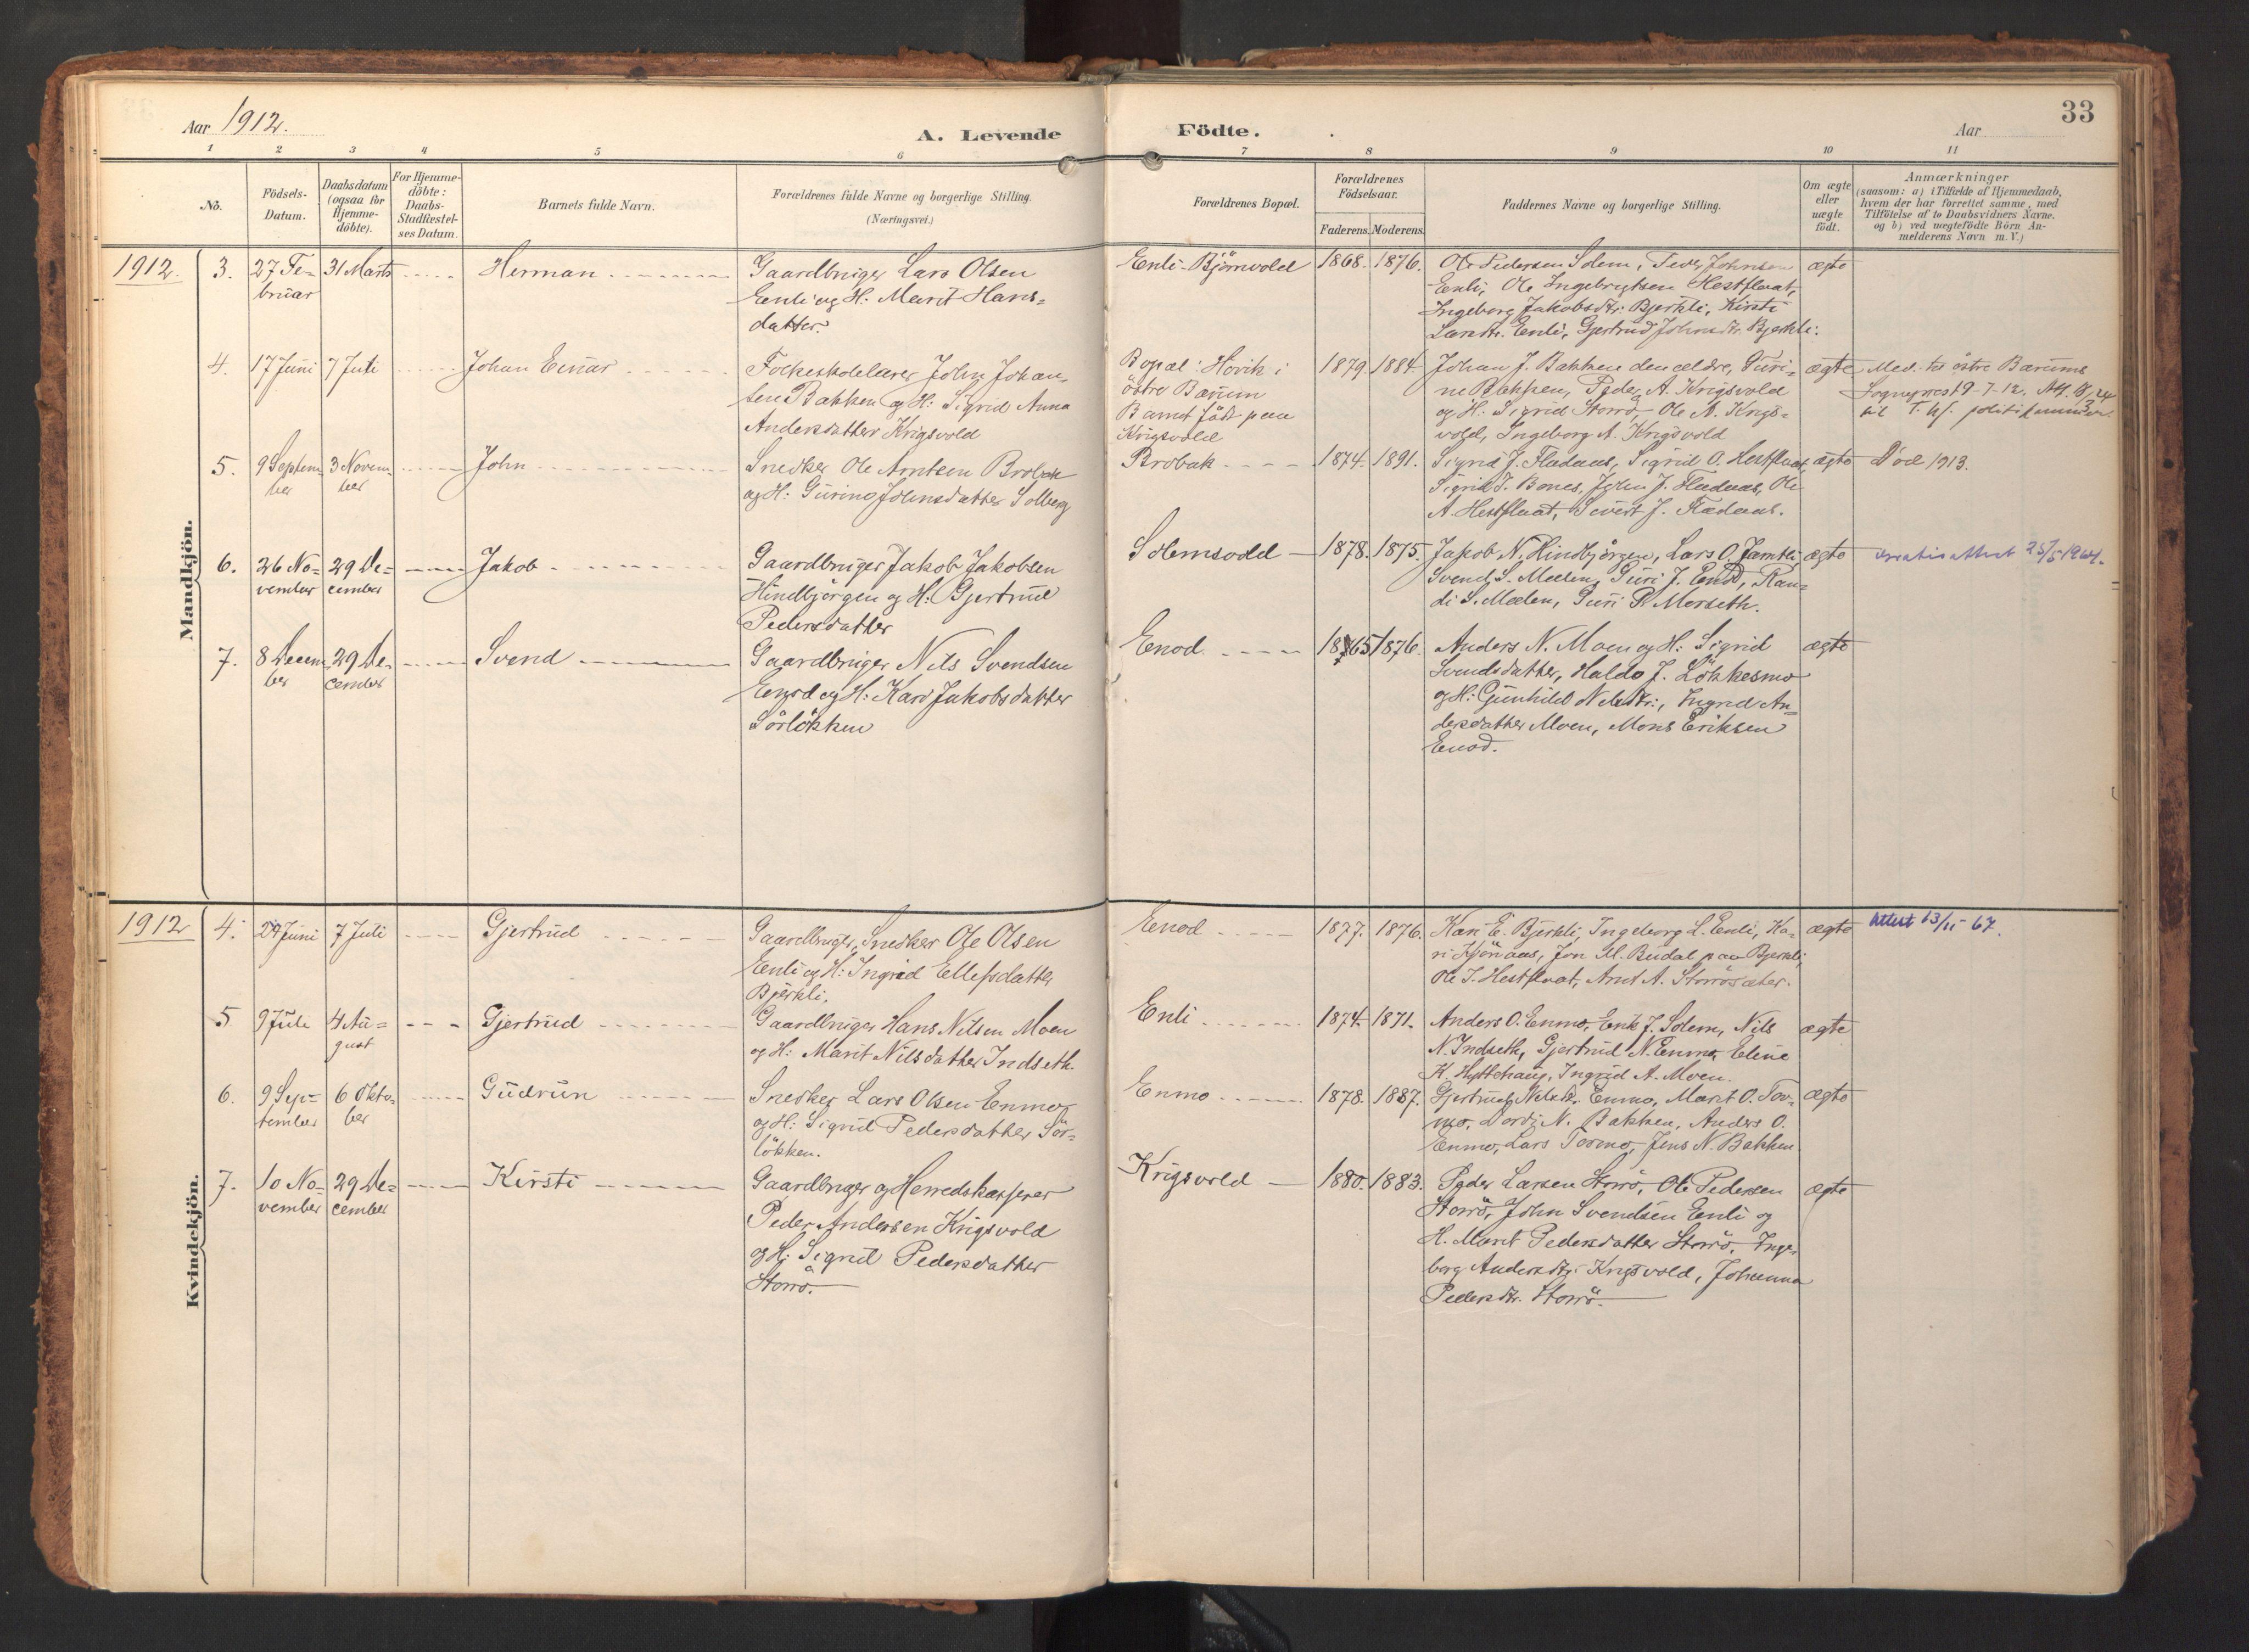 SAT, Ministerialprotokoller, klokkerbøker og fødselsregistre - Sør-Trøndelag, 690/L1050: Ministerialbok nr. 690A01, 1889-1929, s. 33